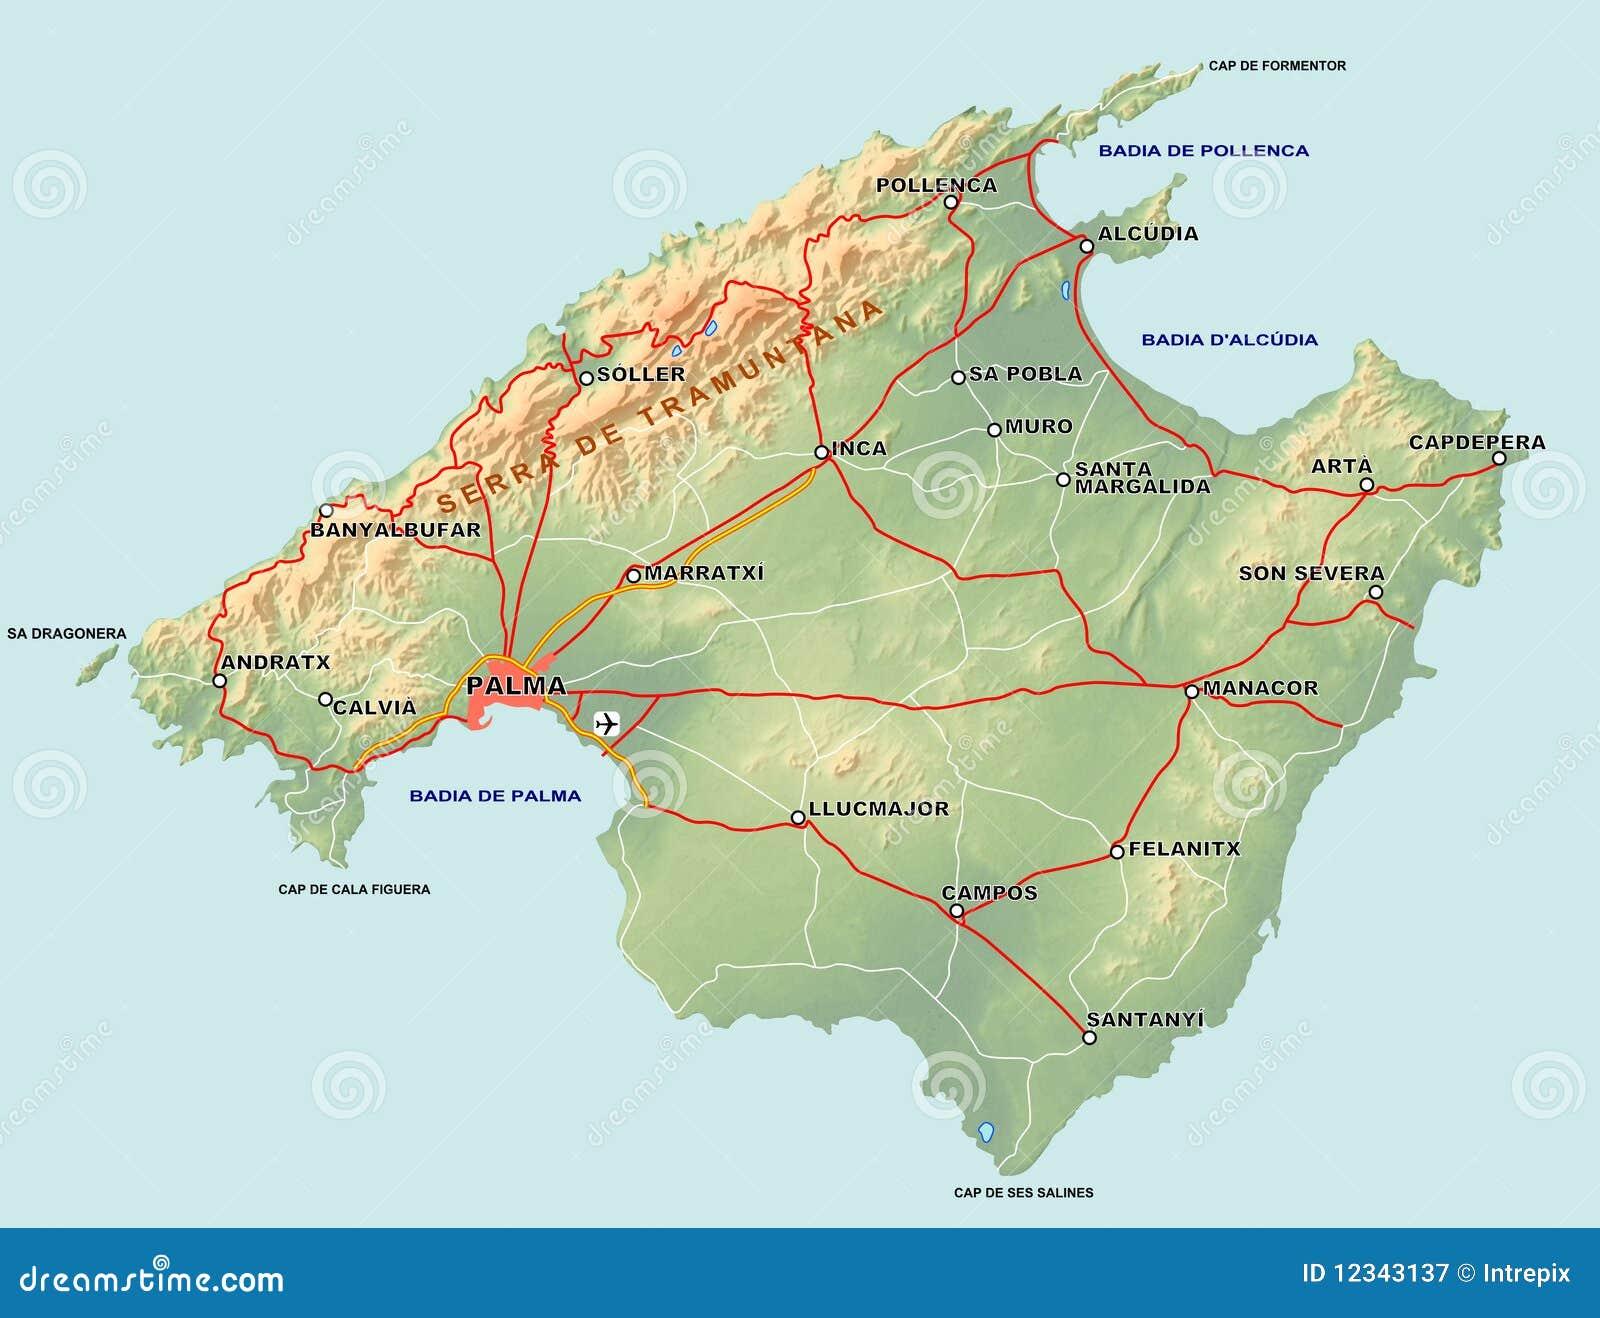 Majorca Map stock illustration Illustration of mediterranean 12343137